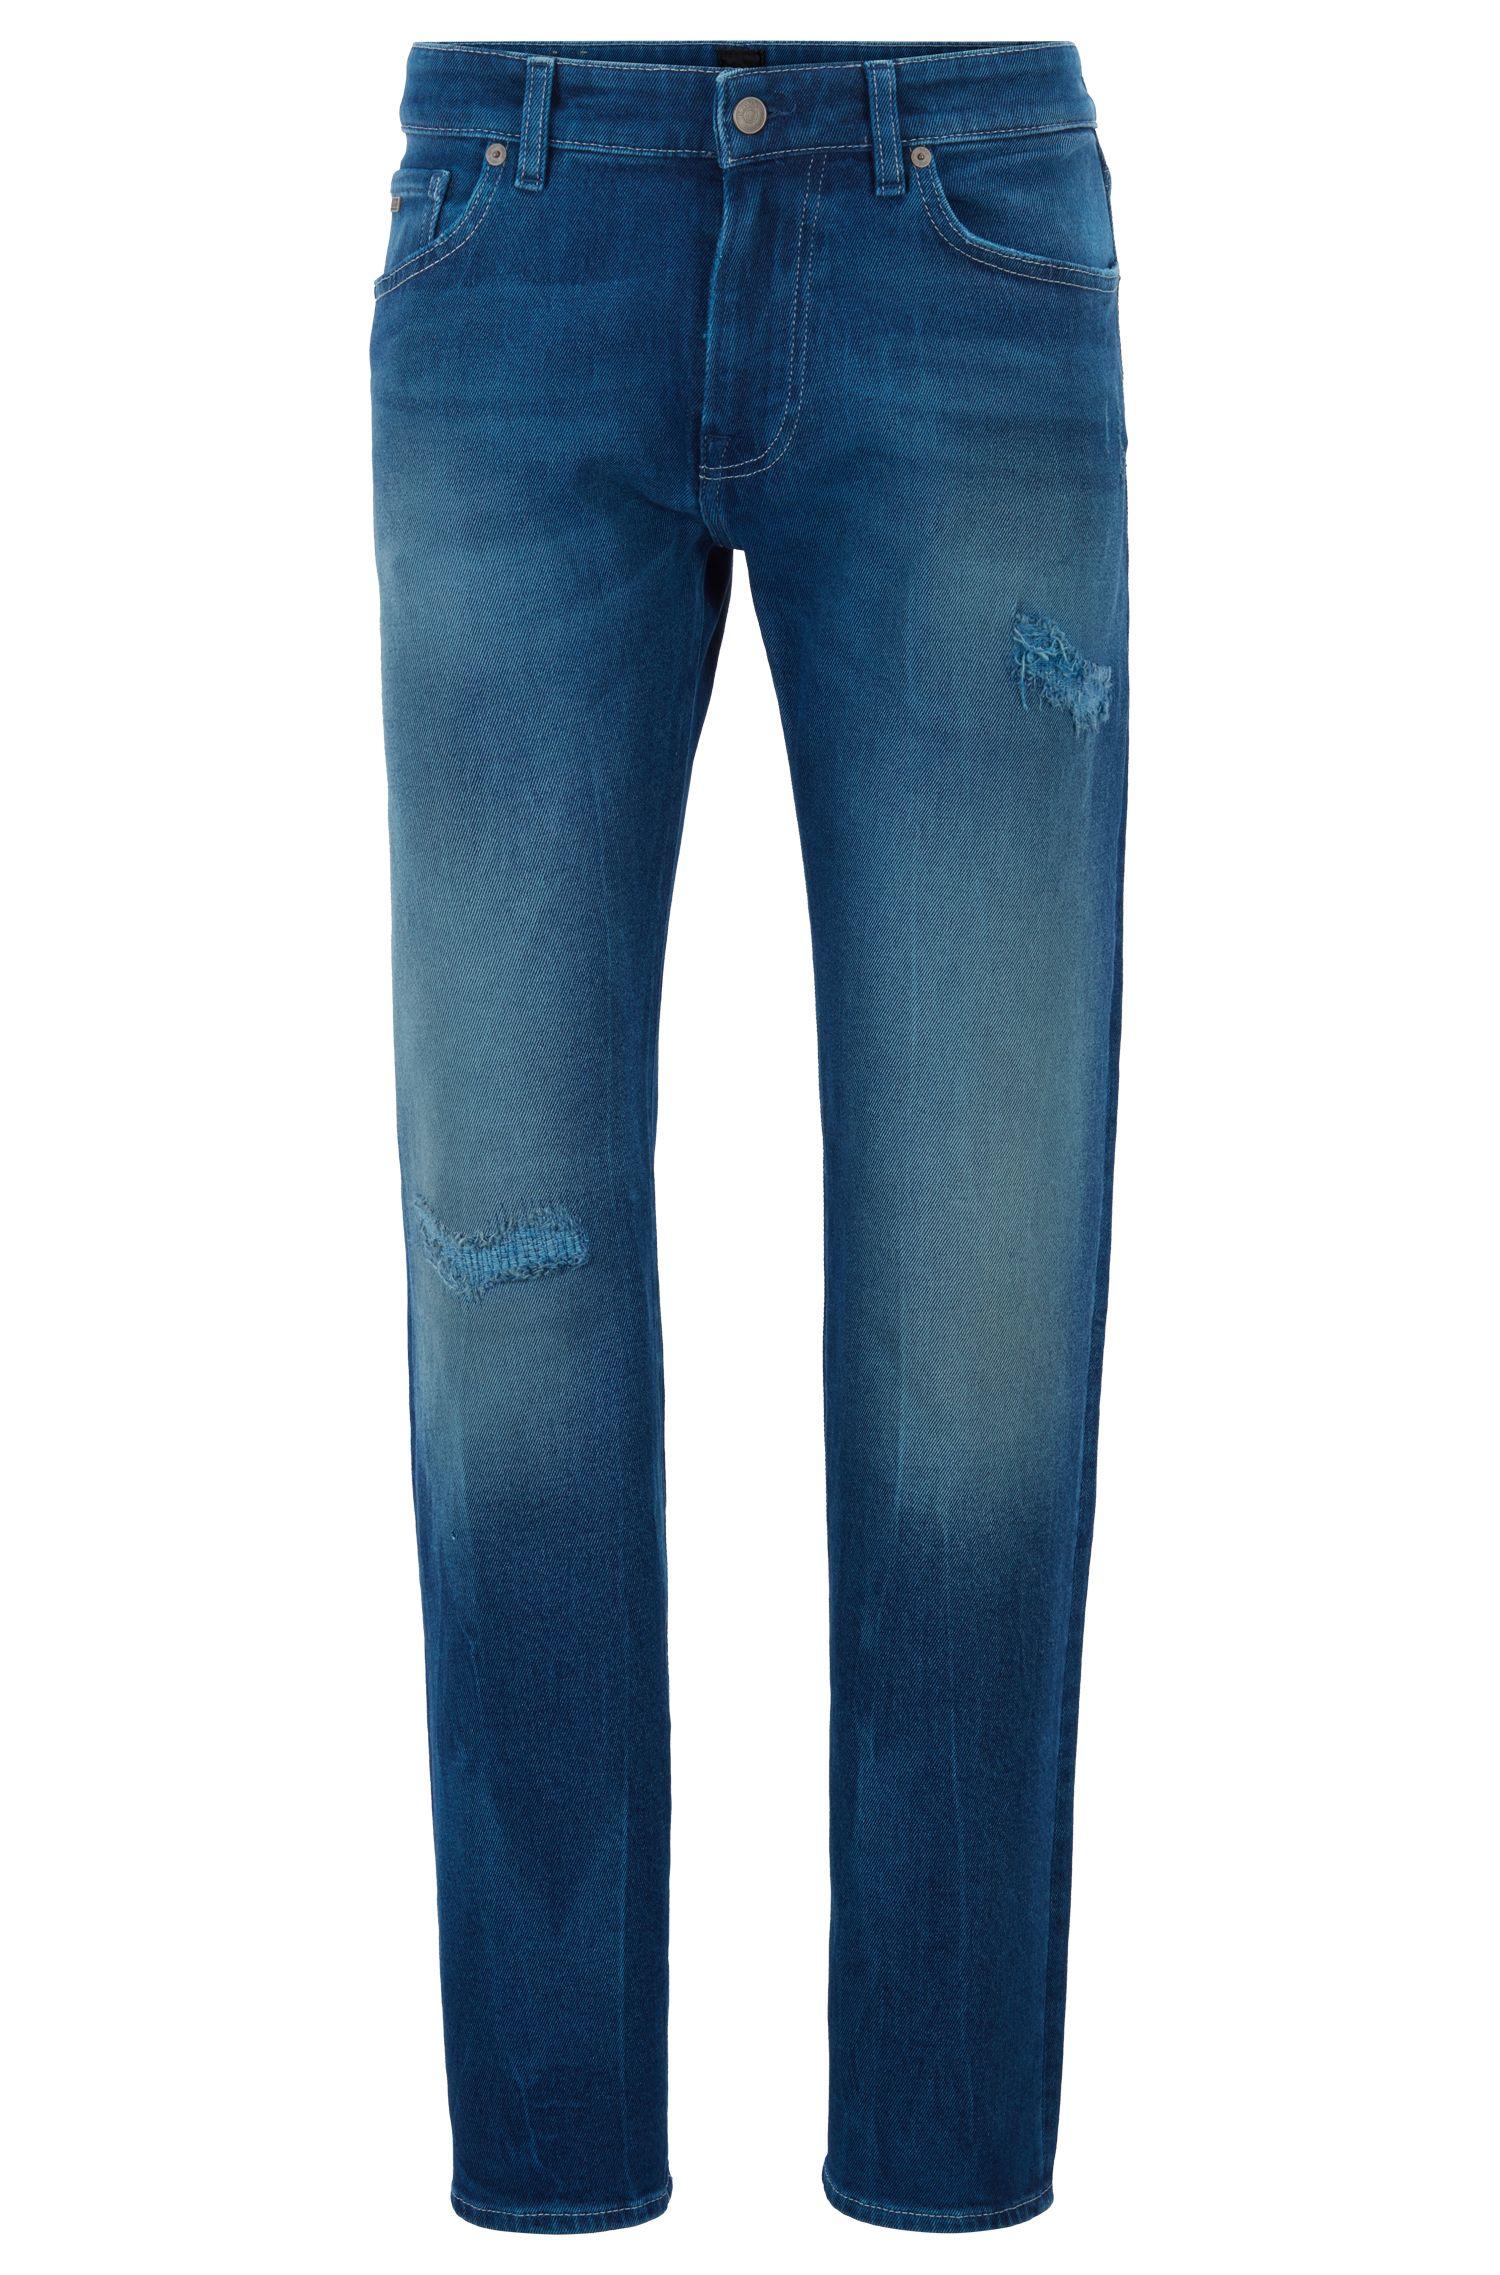 Jeans met rechte pijpen, van stretchdenim in peper-en-zoutlook, Donkerblauw